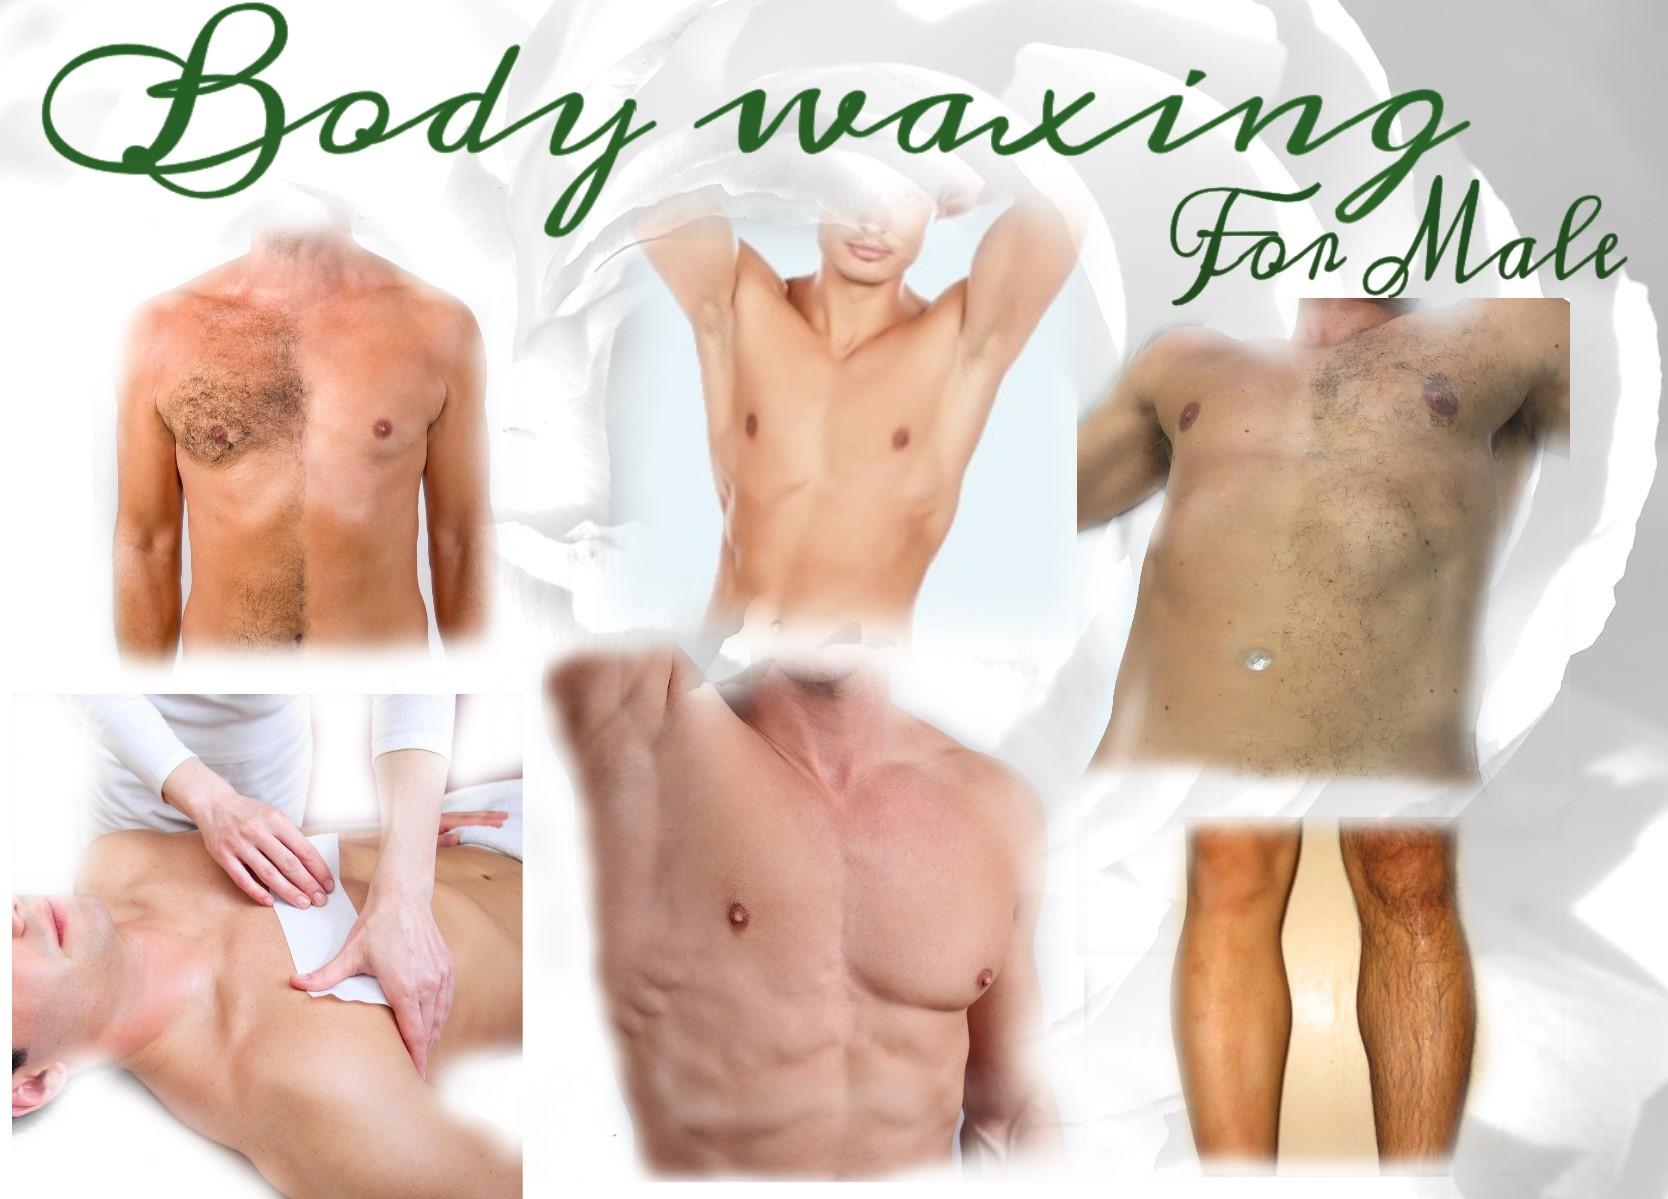 Male Body Wax